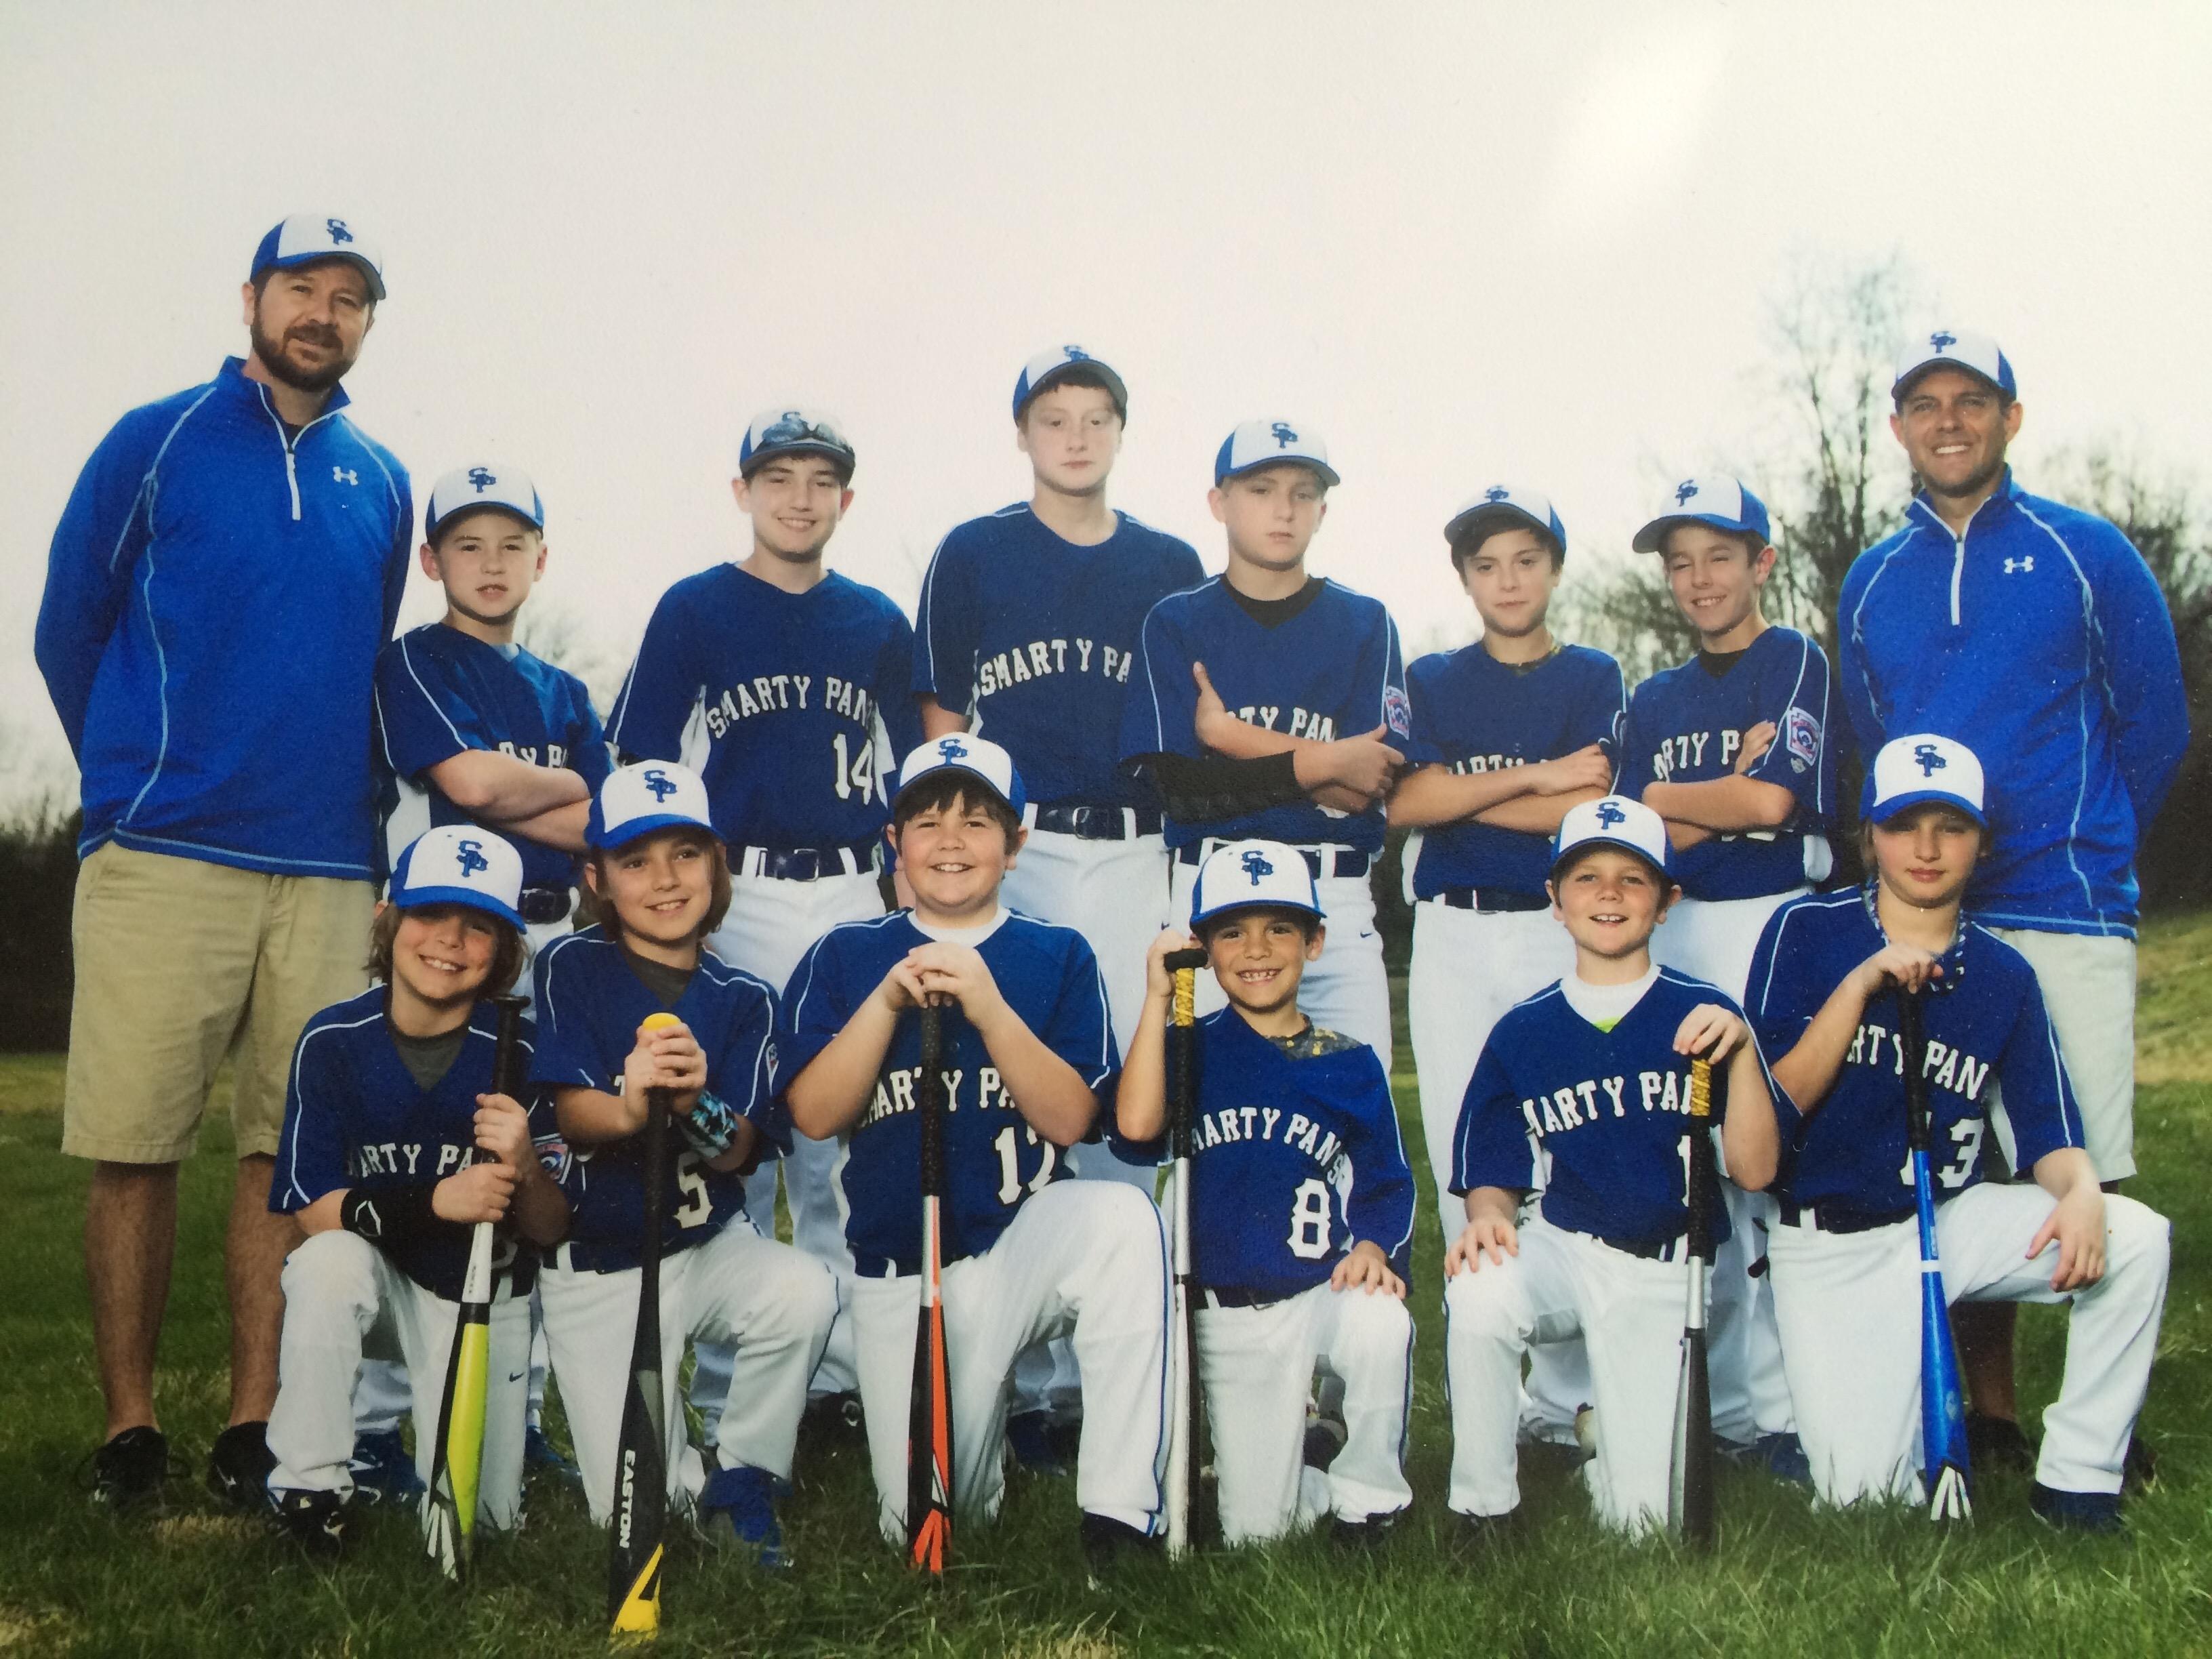 Smarty Pants 2015 Little League team picture